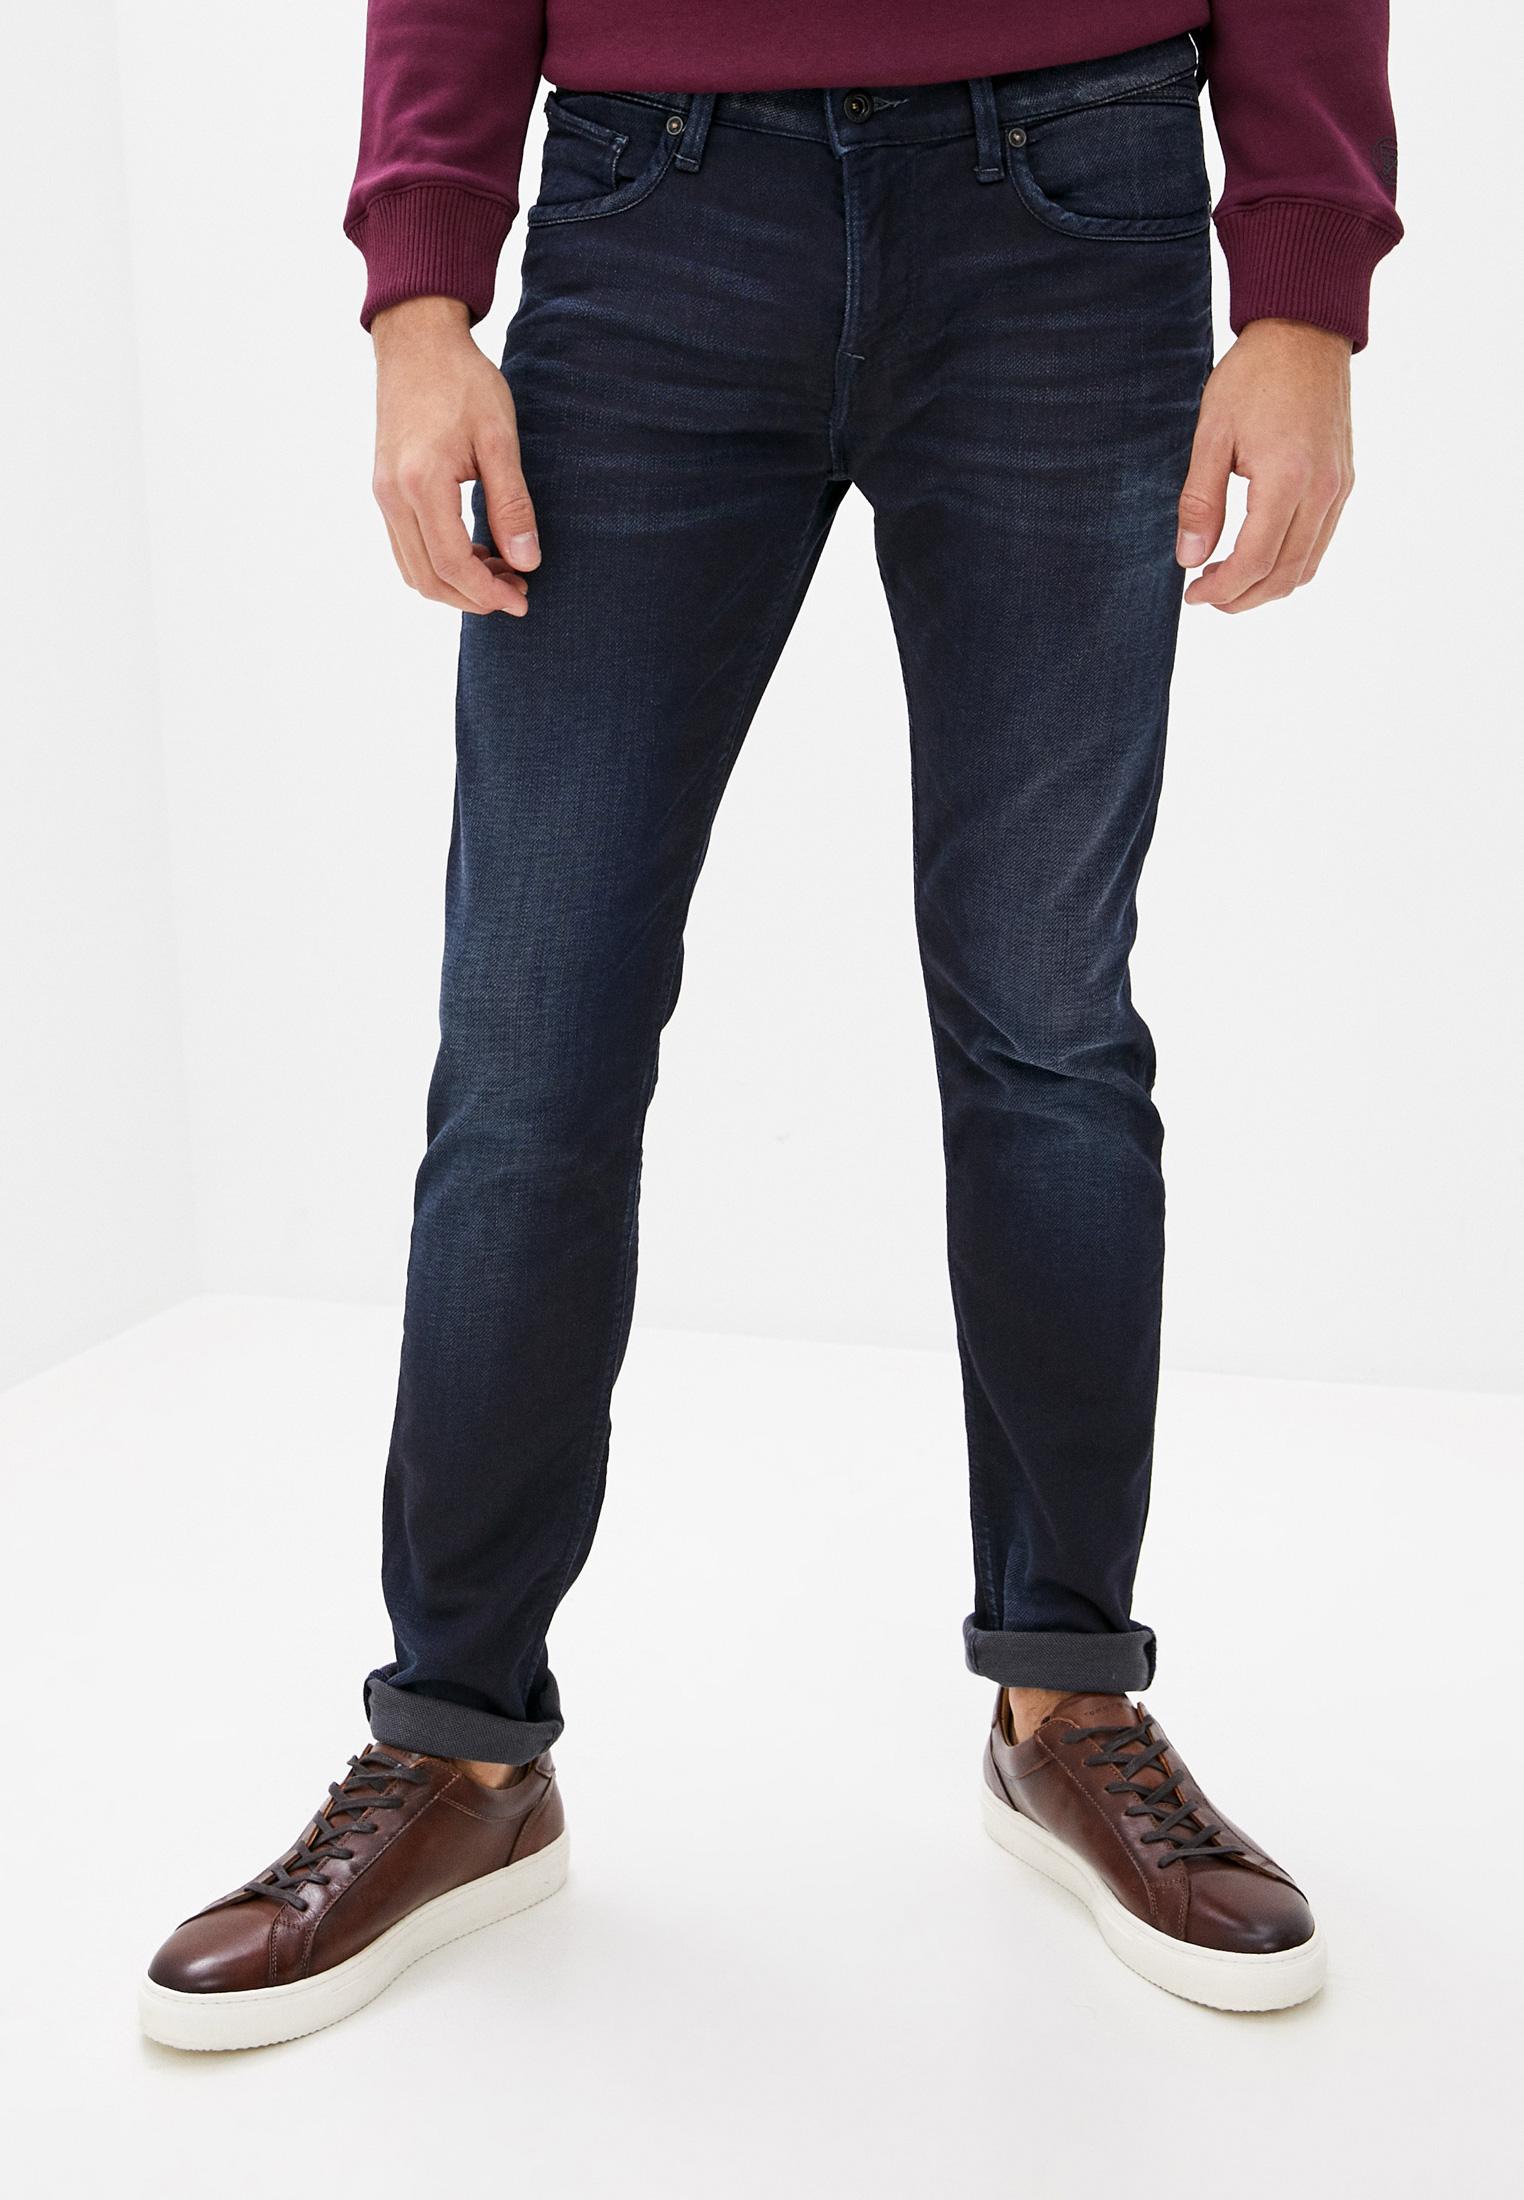 Зауженные джинсы Pepe Jeans (Пепе Джинс) PM205842